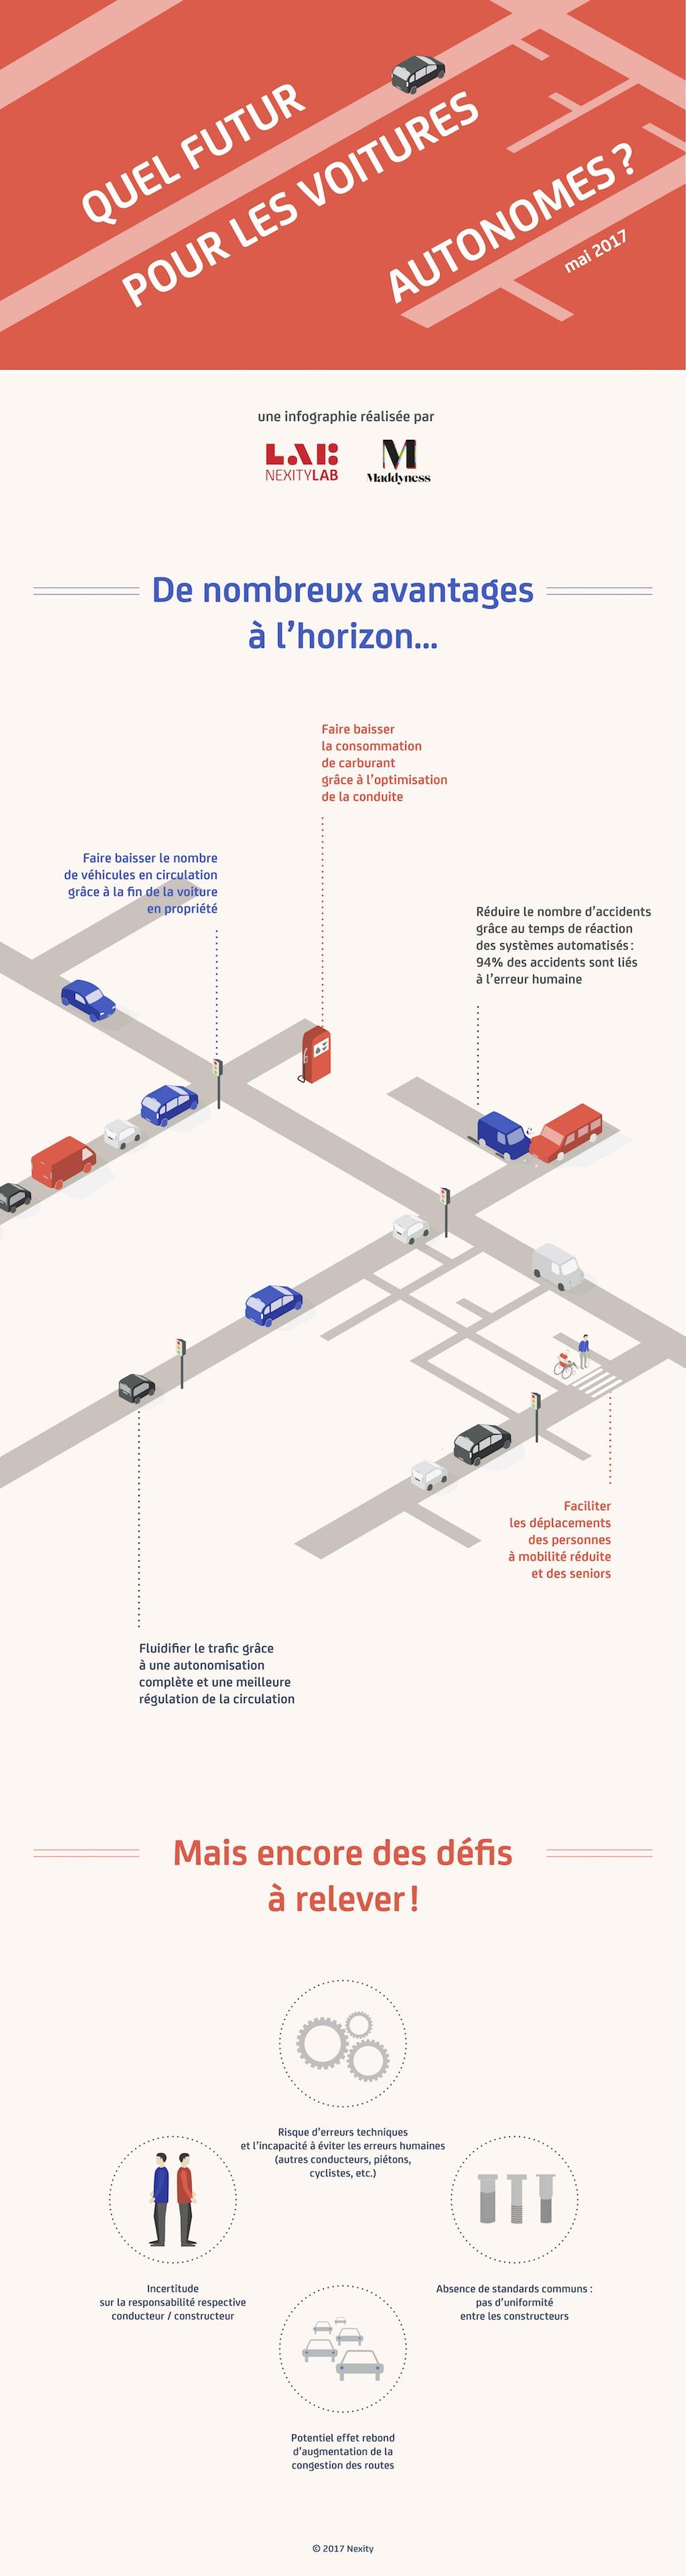 infographie_v2-copie-2